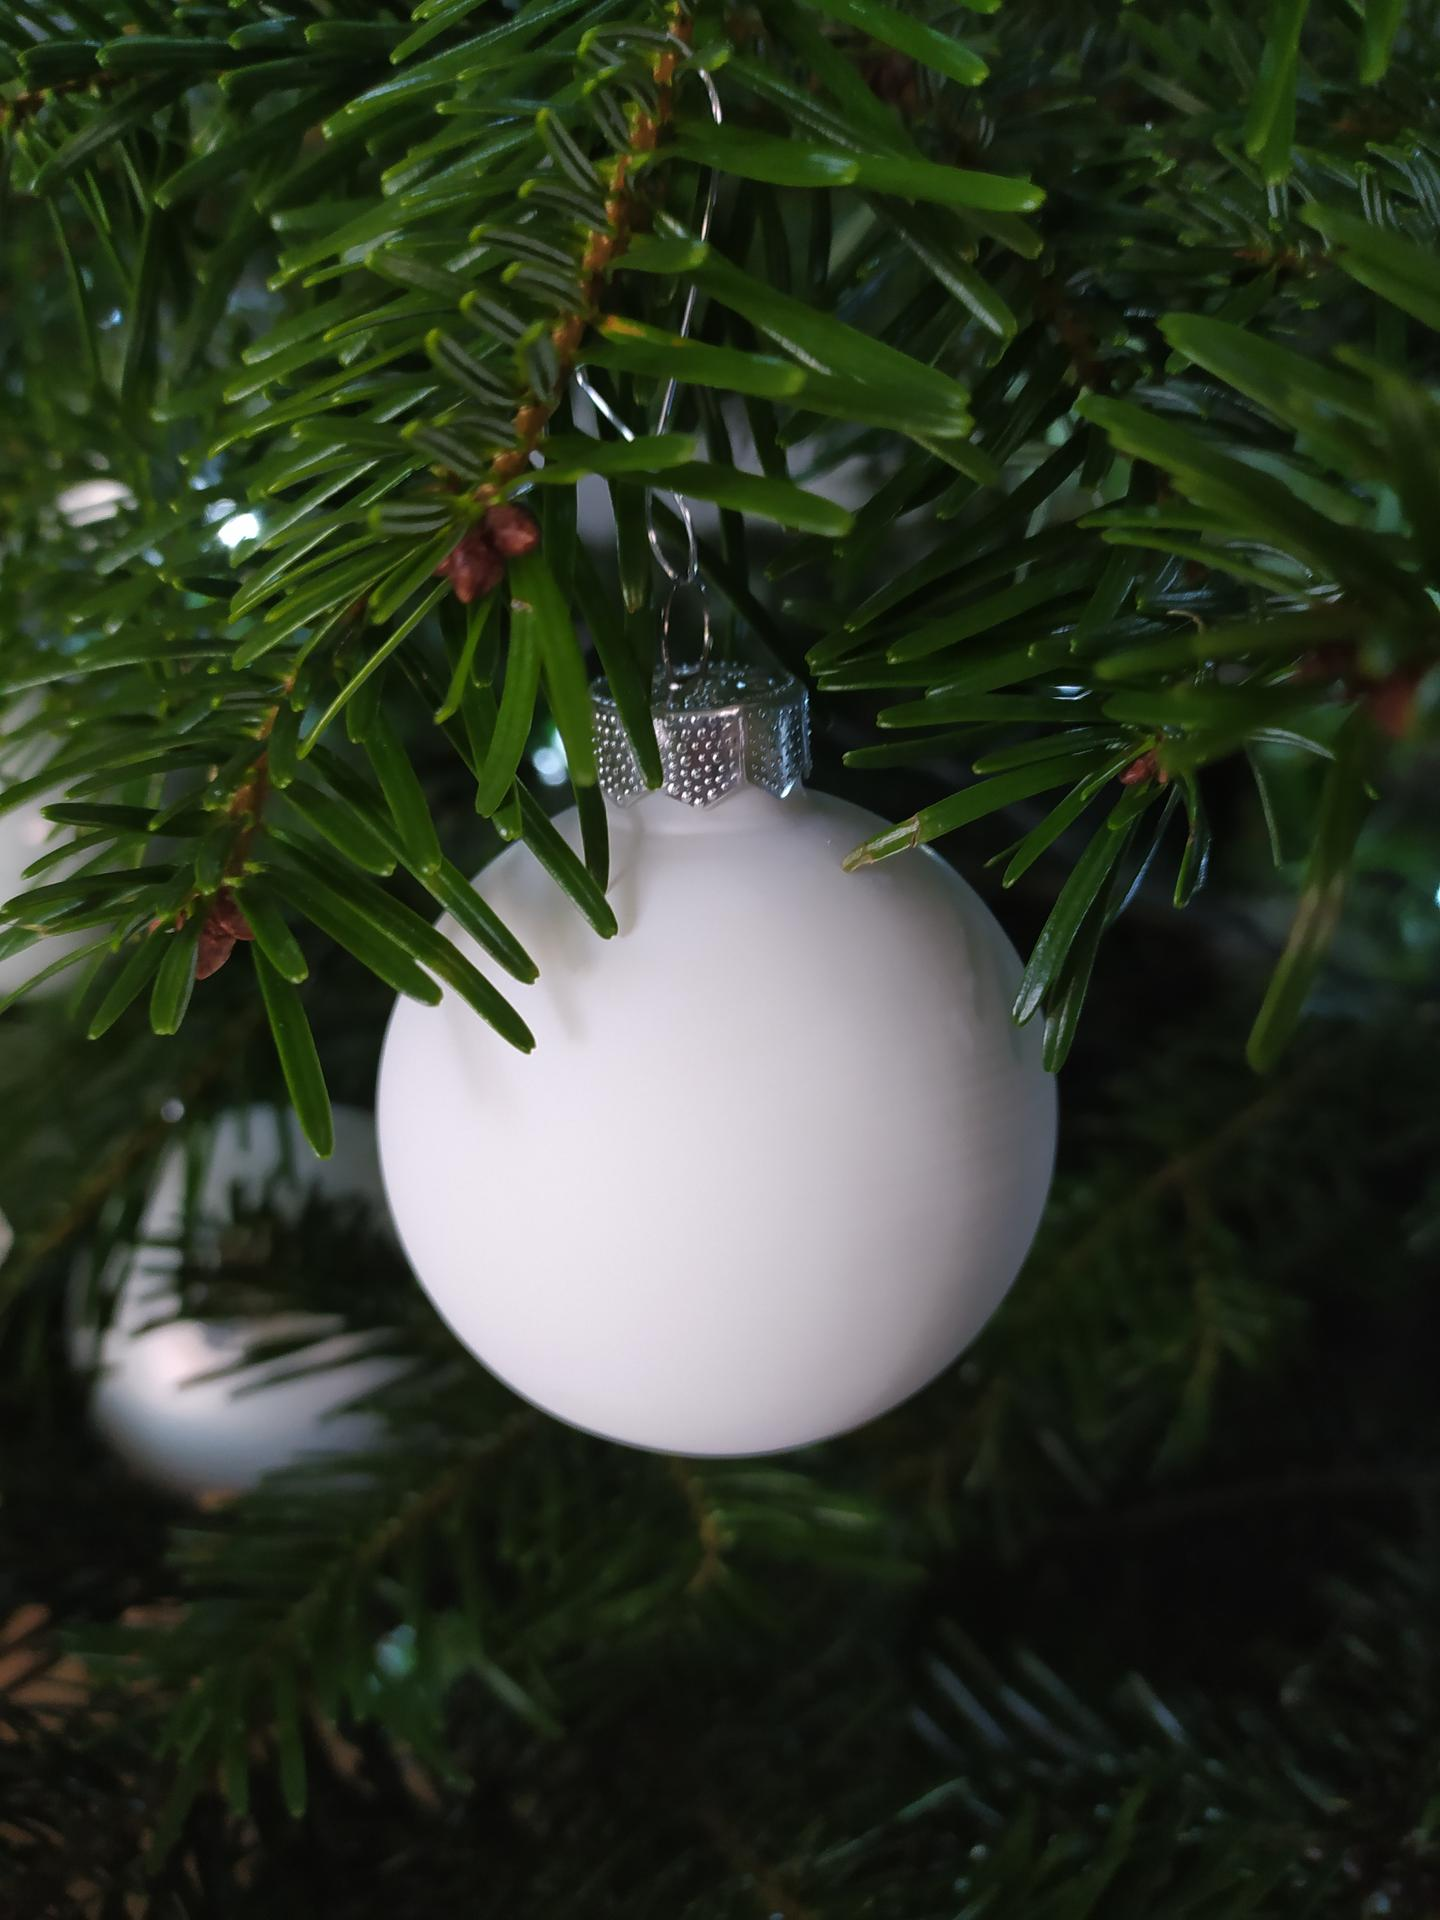 Krásné a pohodové Vánoce  přeji. Lenka - Obrázek č. 1